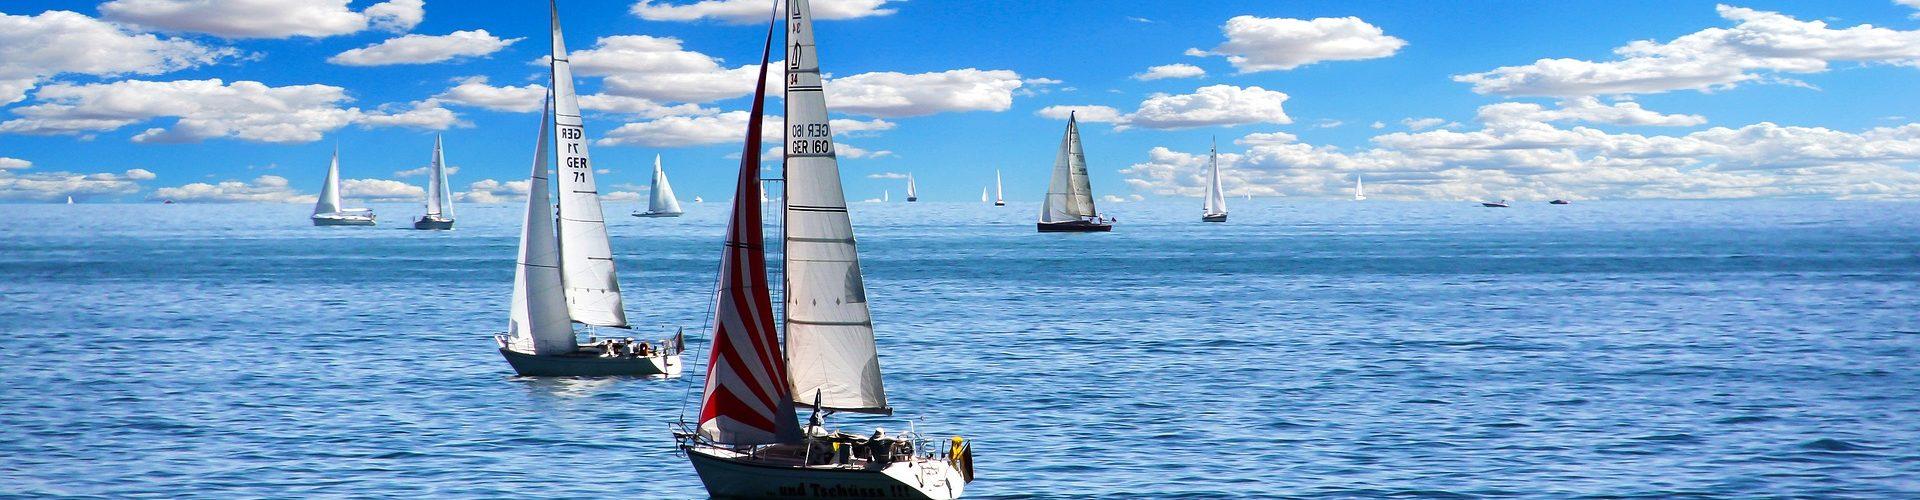 segeln lernen in Kummerow segelschein machen in Kummerow 1920x500 - Segeln lernen in Kummerow